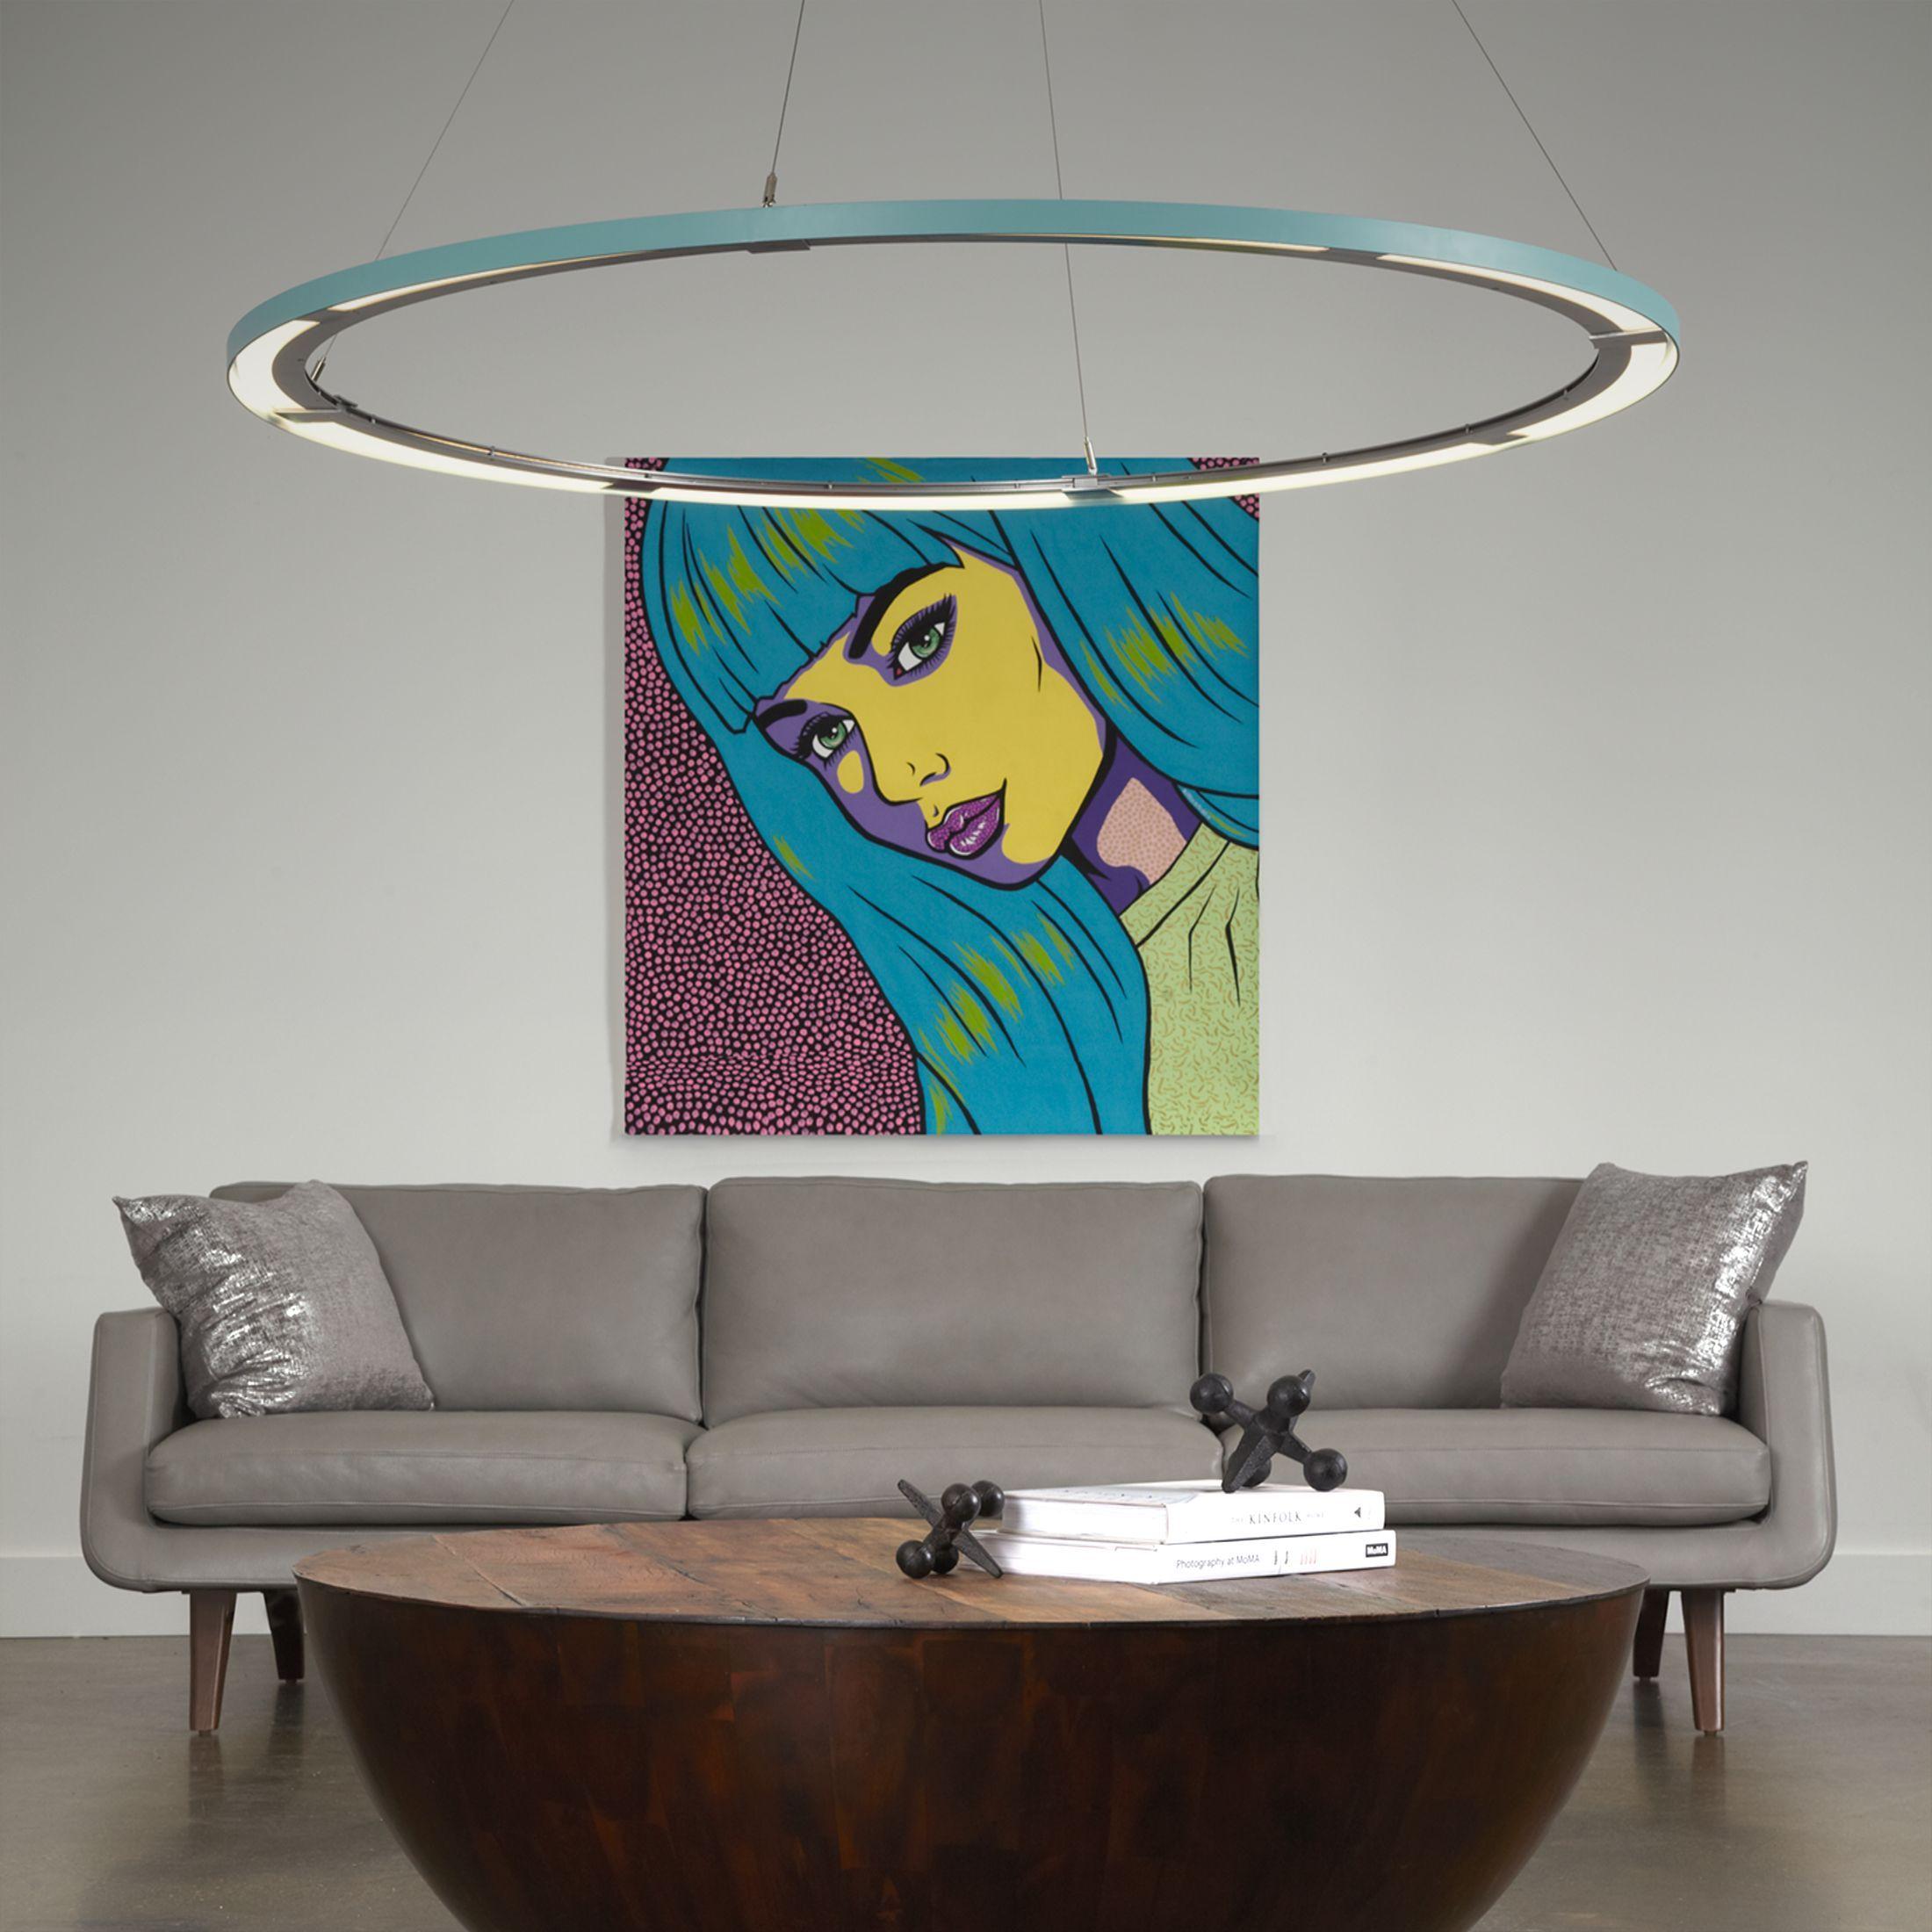 Ringo Large LED Pendant If you liked it, you should have put